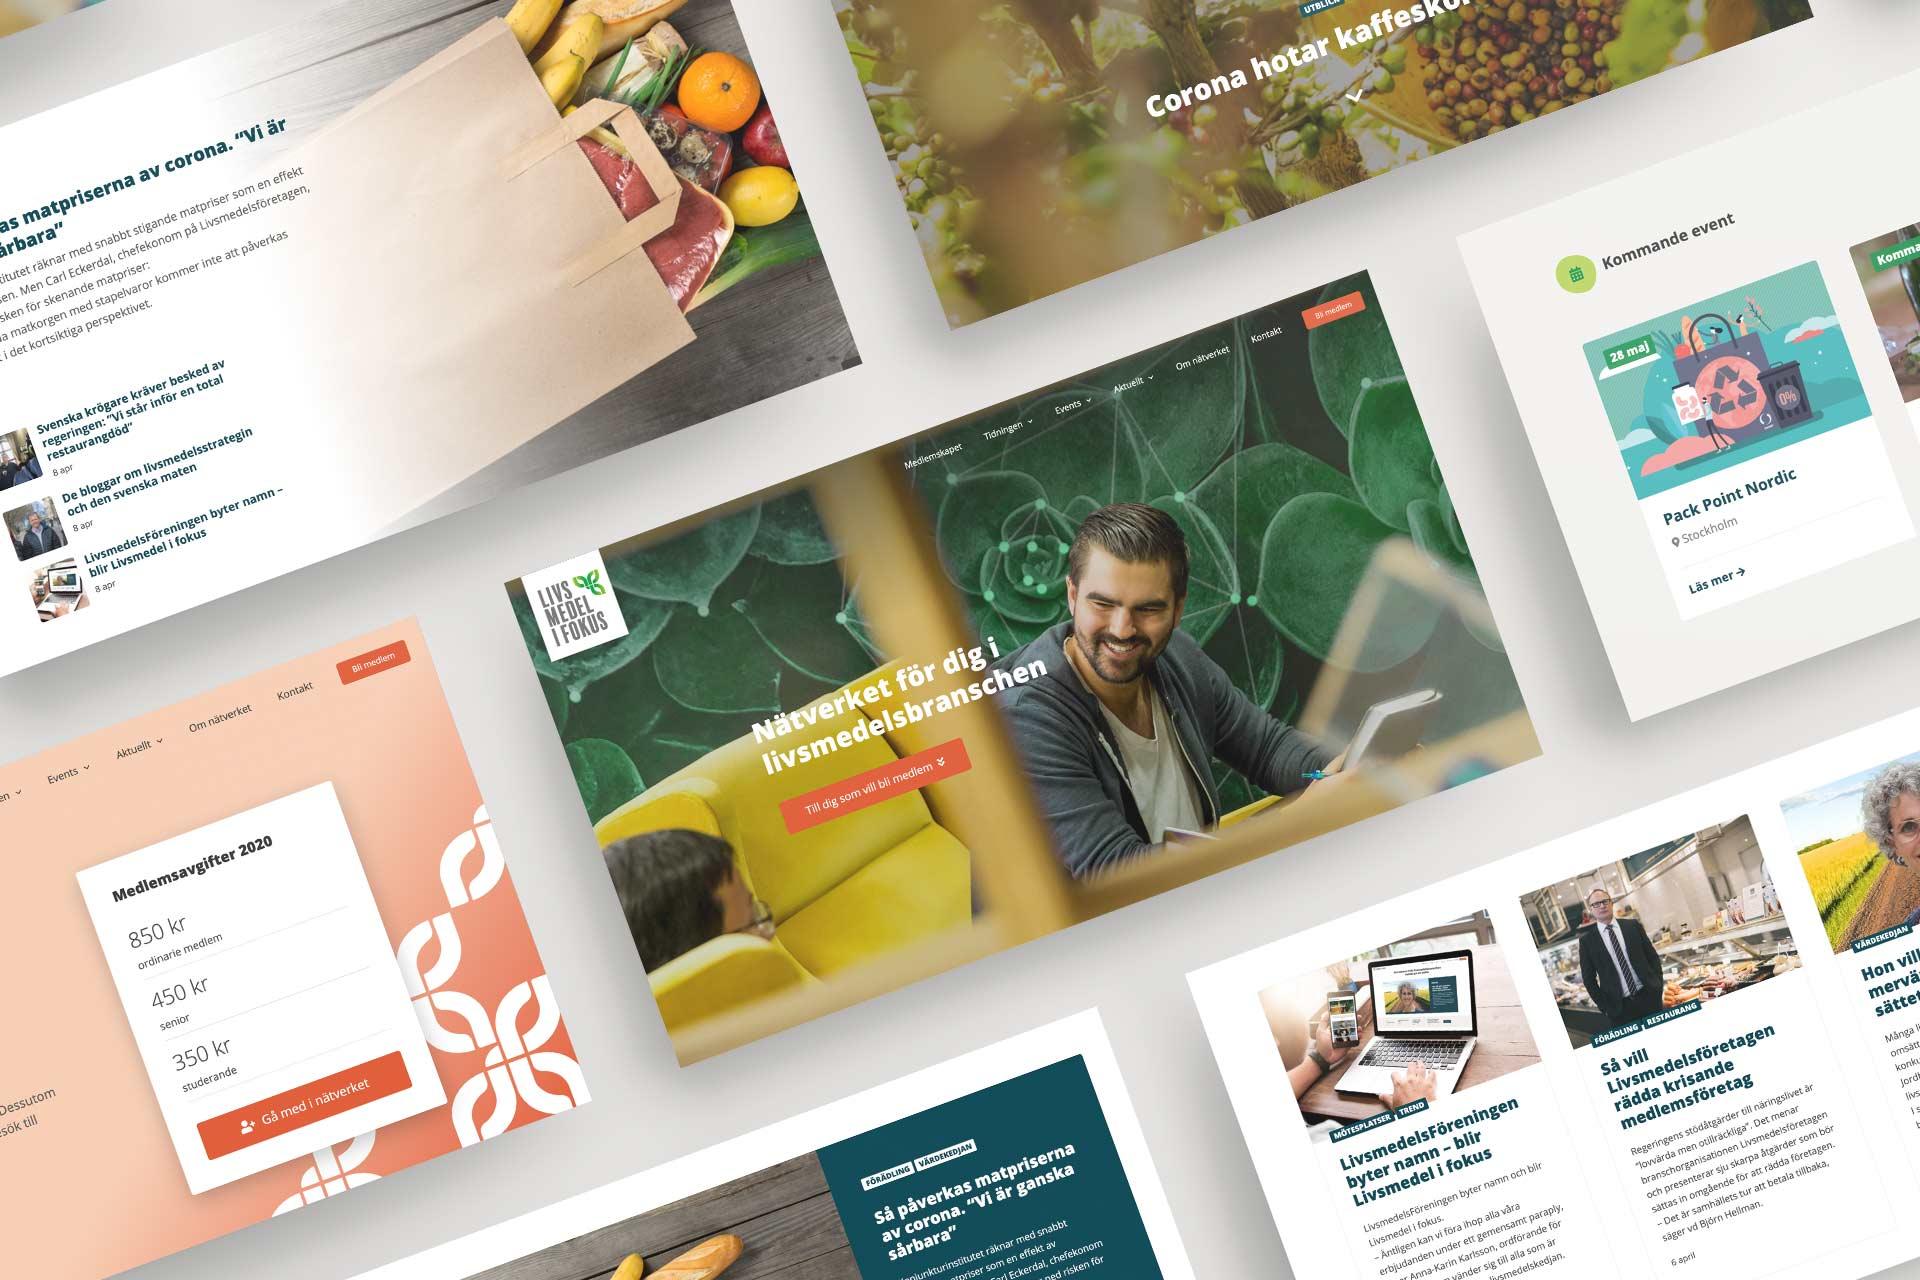 Mockup av Livsmedel i fokus nya hemsida